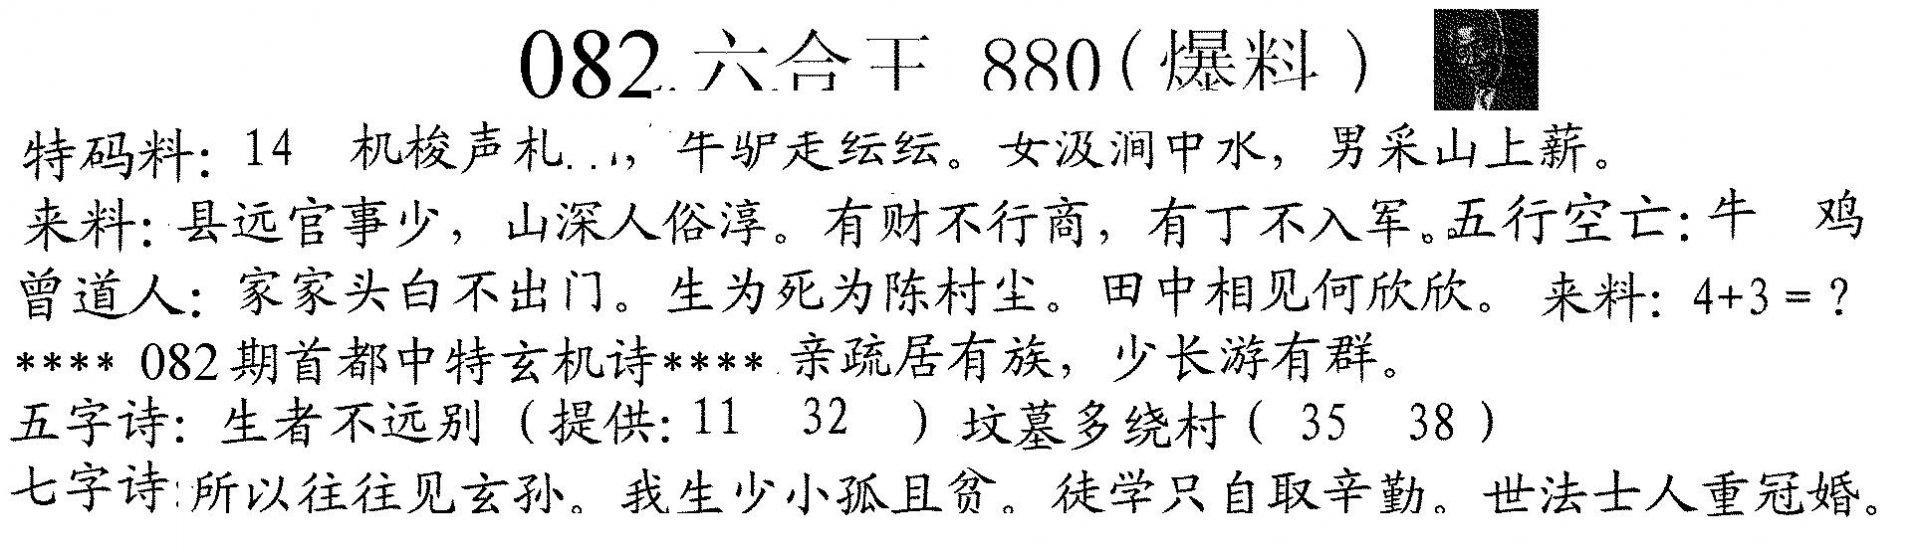 082期880来料(黑白)